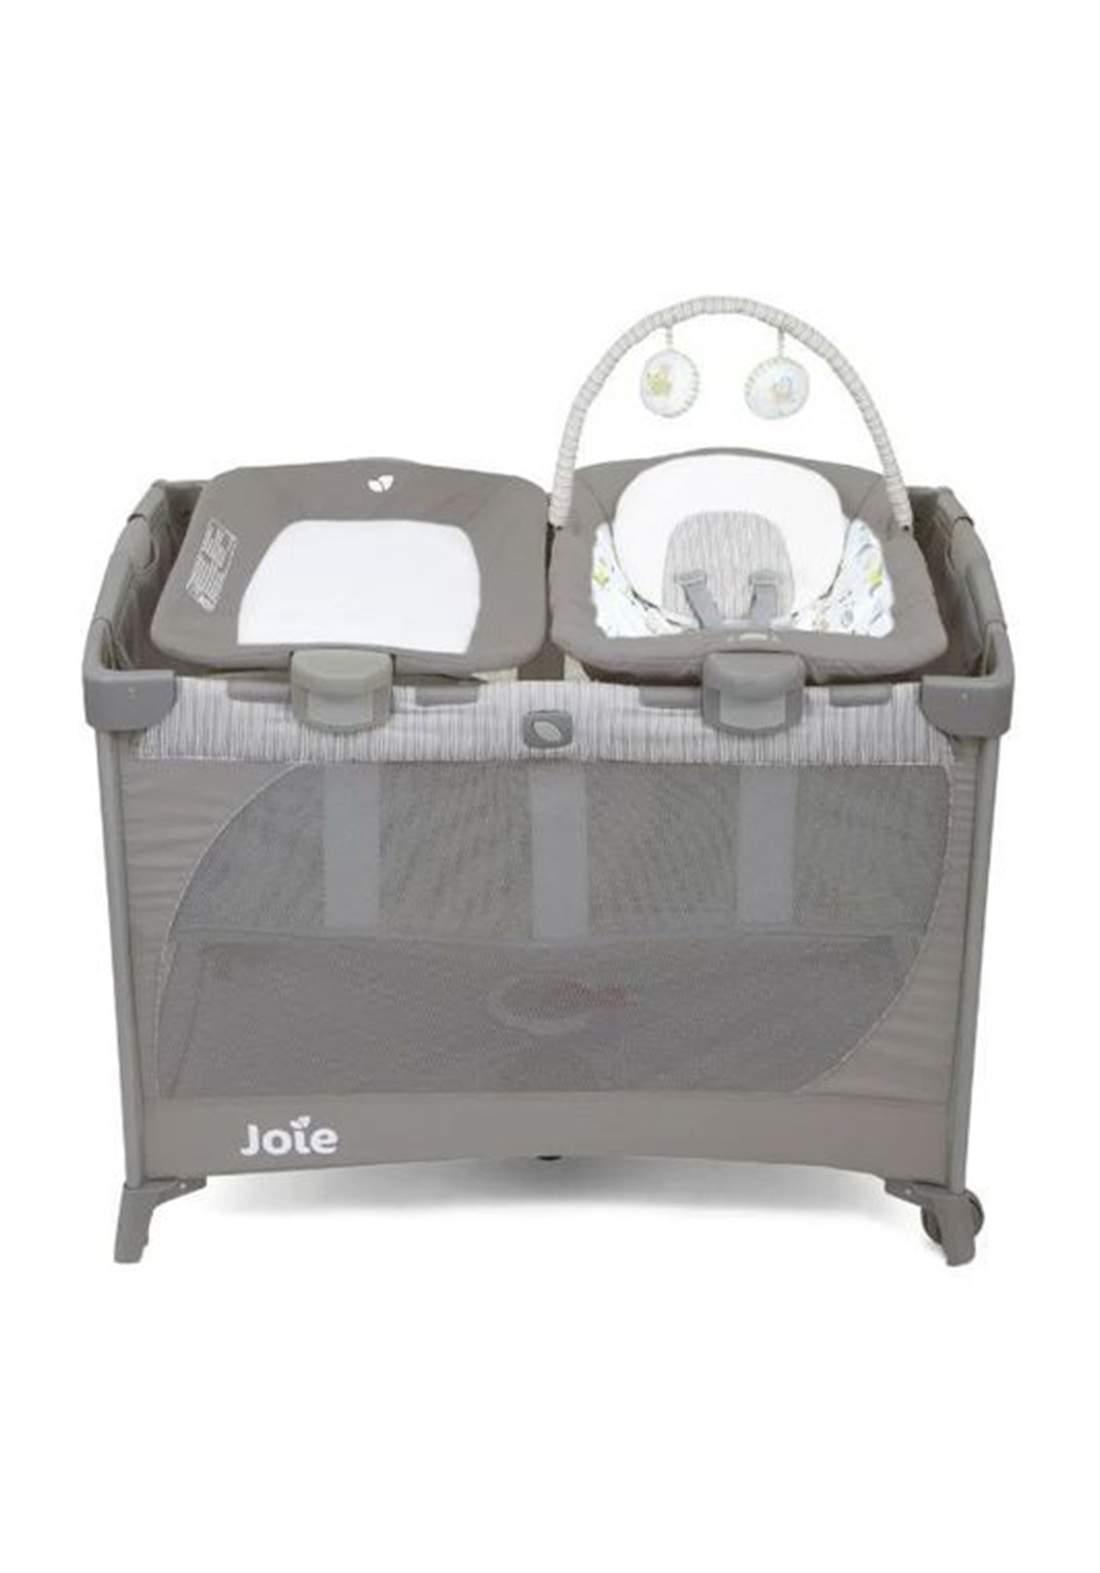 سرير نوم للاطفال حديثي الولادة Joie Baby P1028IANTA000 Baby Bed